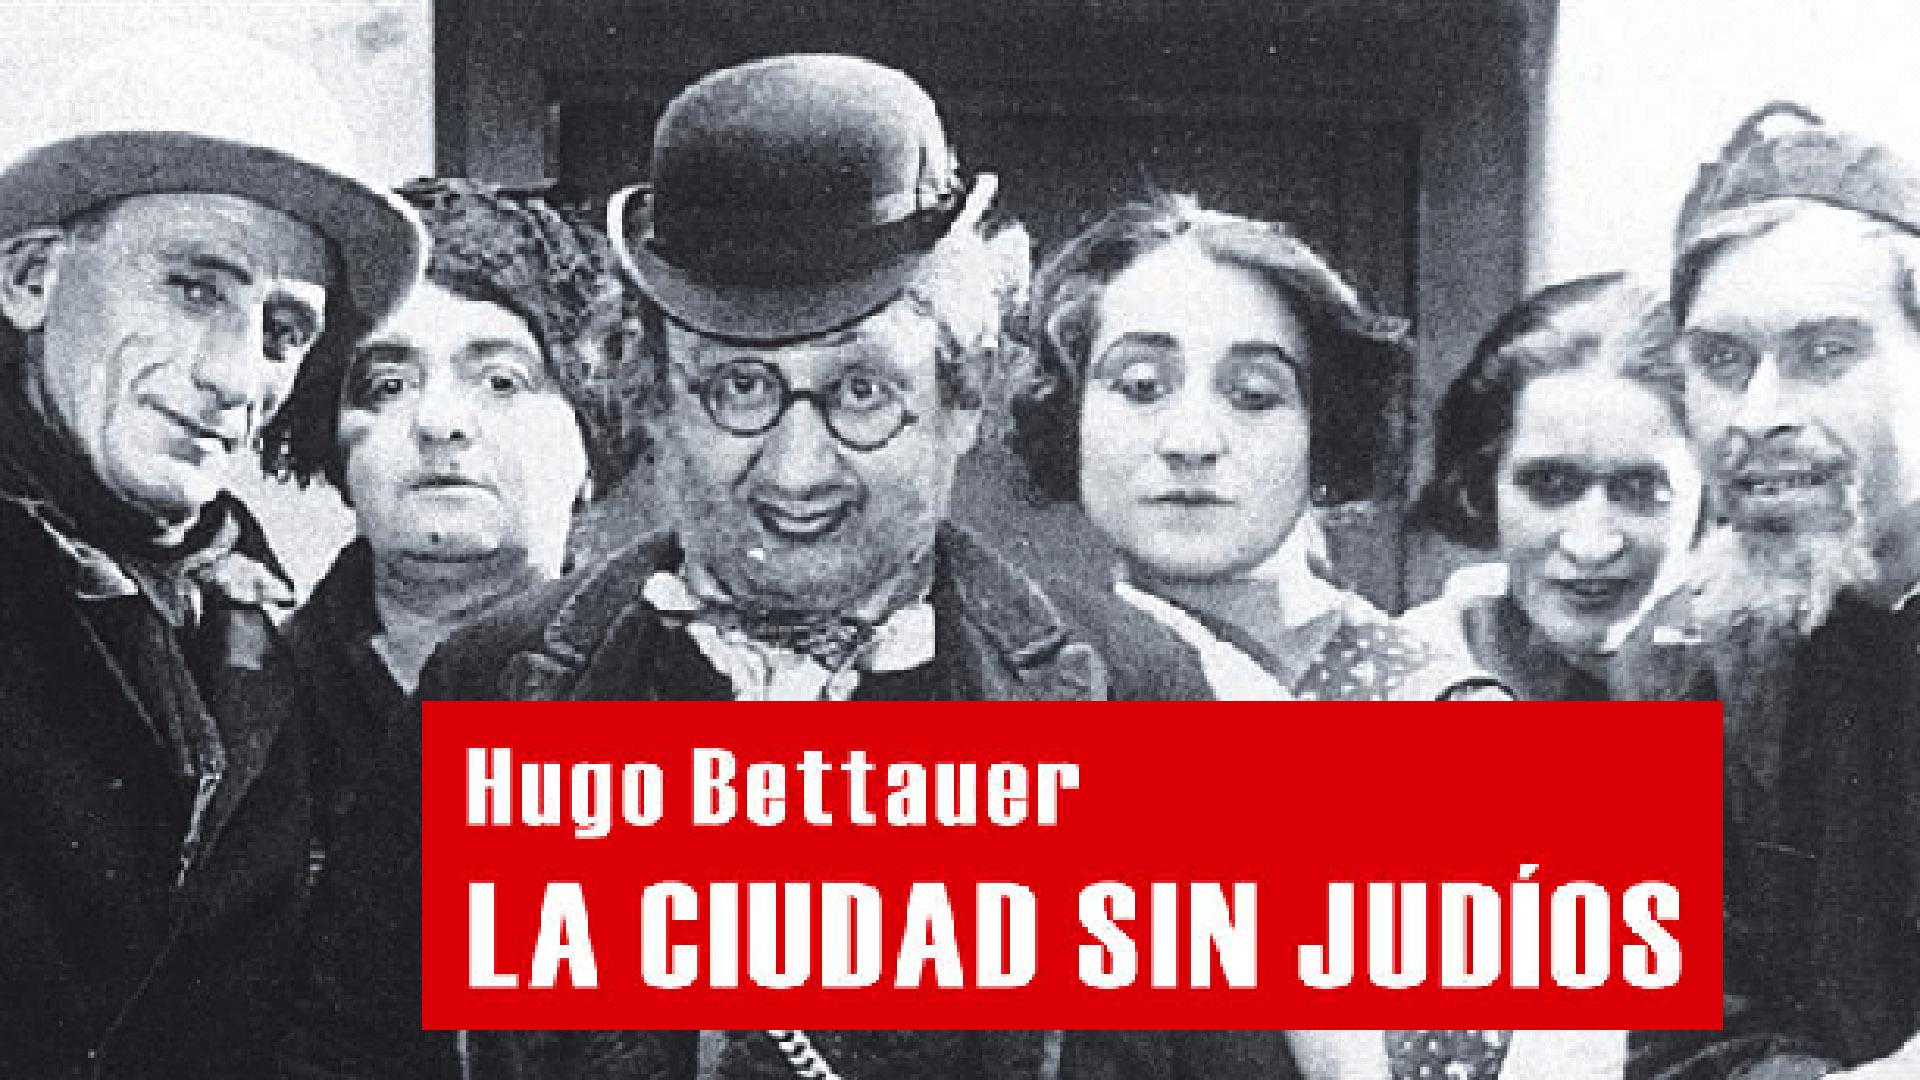 """Tapa del libro que dio argumento a la película muda """"Ciudad sin judíos"""", estrenada en 1924, que profetizó el Holocausto."""